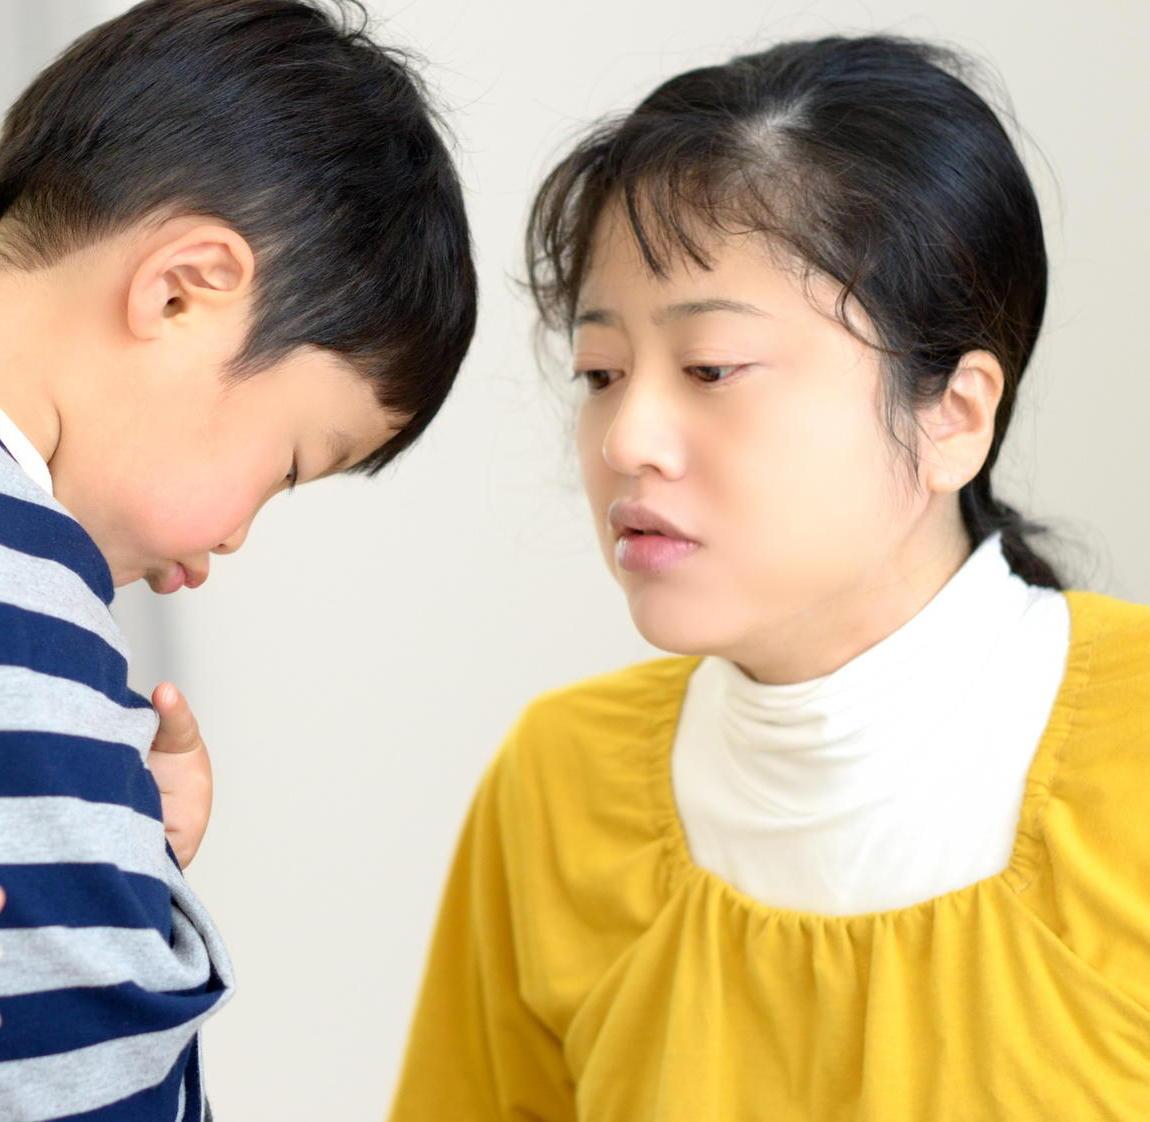 子育て中の親のスマホ依存が子どもに悪影響 スマホを置いて対話を